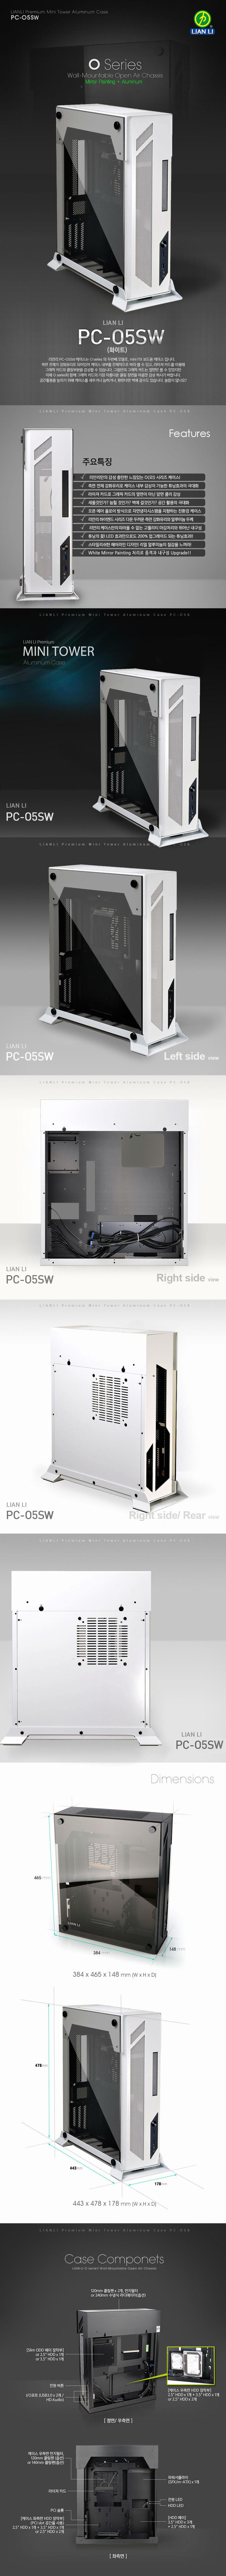 PC-O5SW_INFO-01.jpg